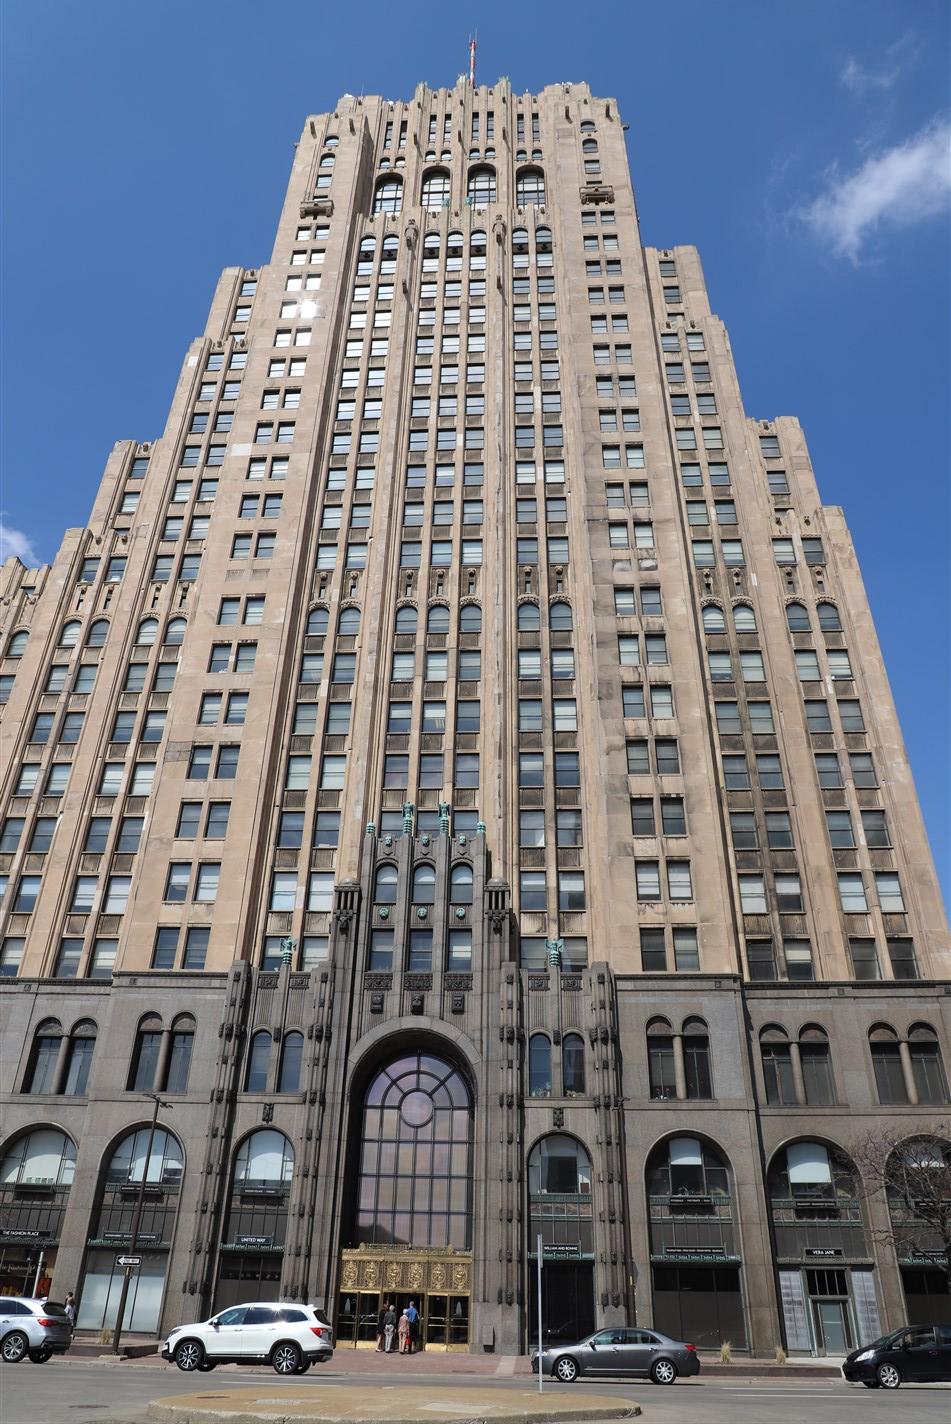 Detroit – April 2019 – The Fisher Building – RDZ Photography